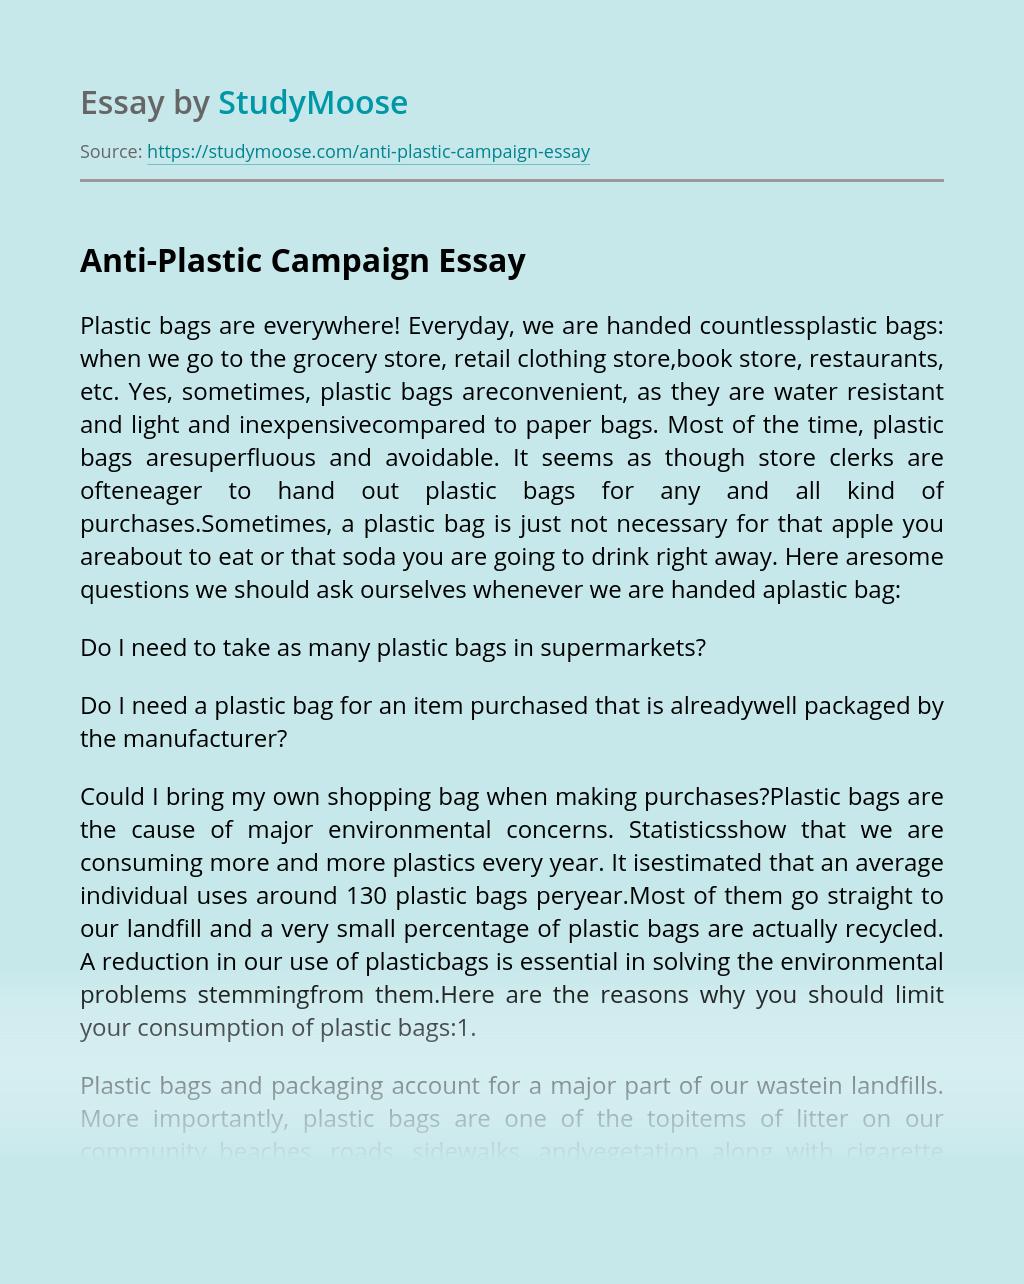 Anti-Plastic Campaign